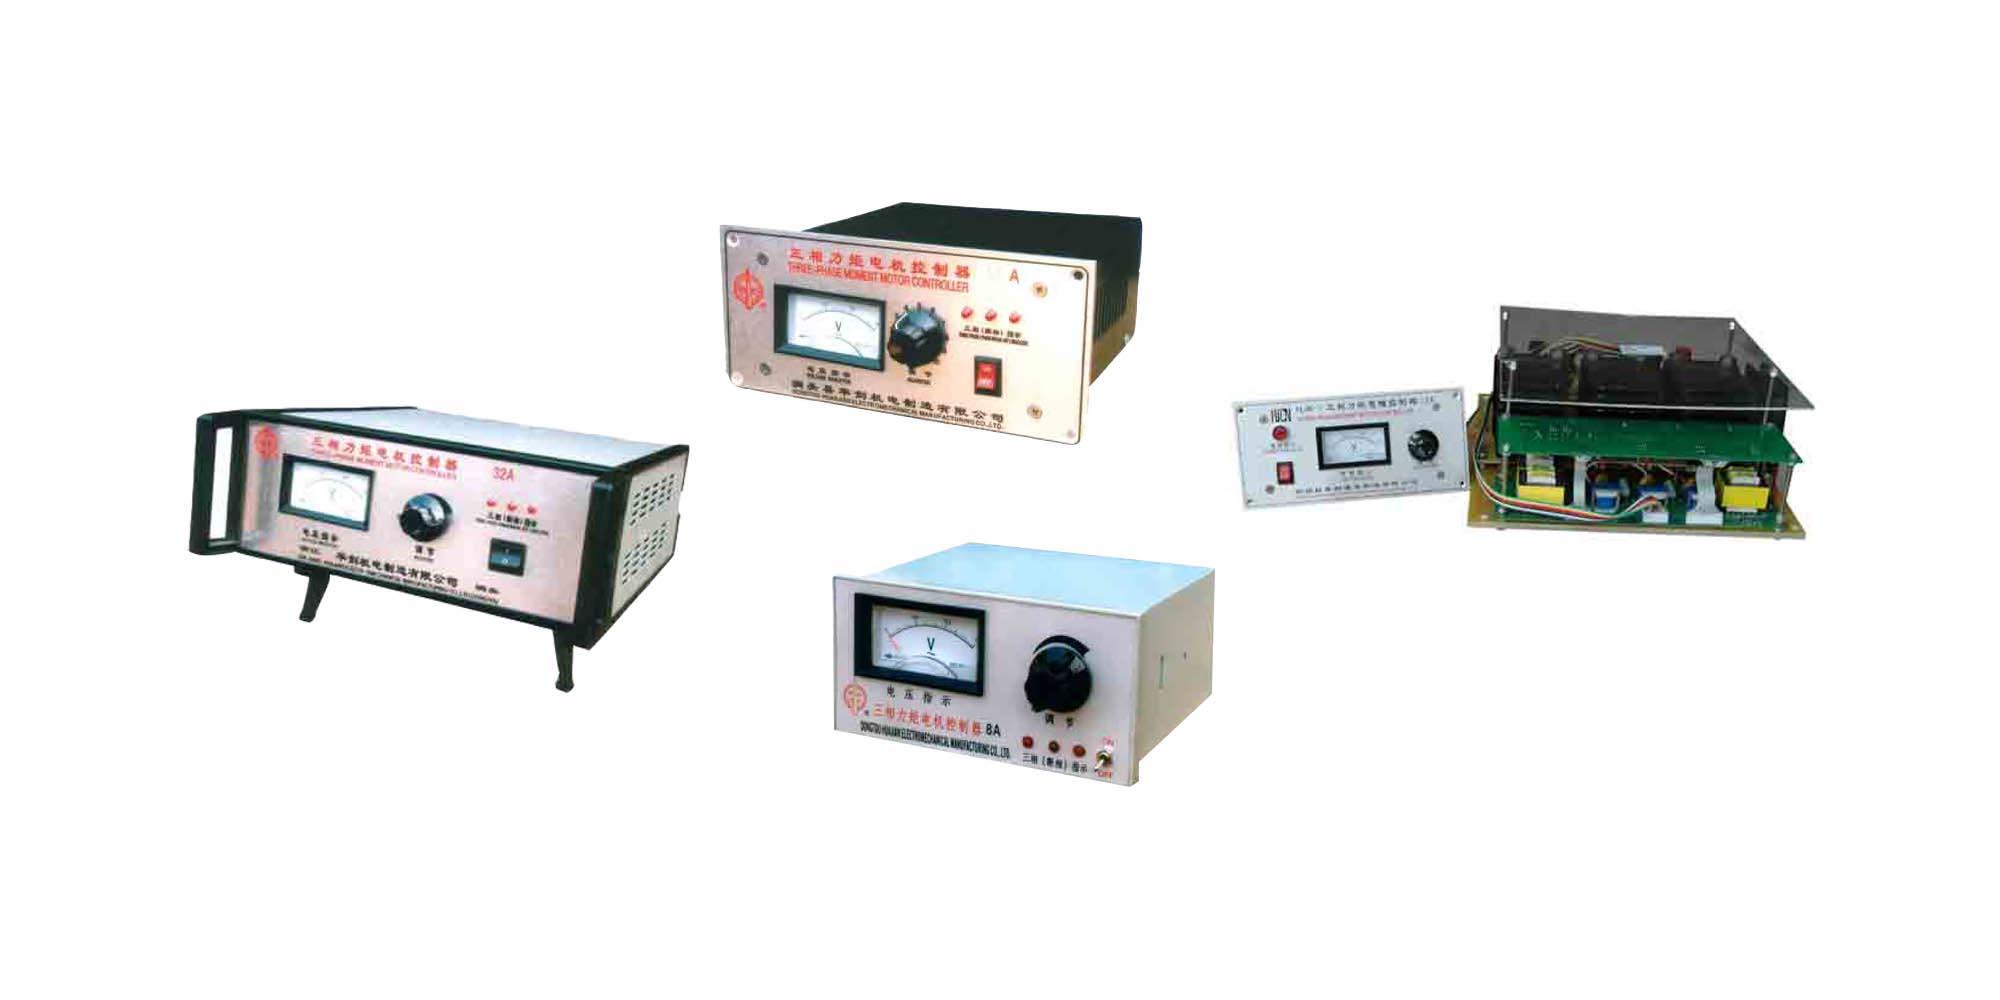 是三相力矩电动机调压调速的最佳配套产品.